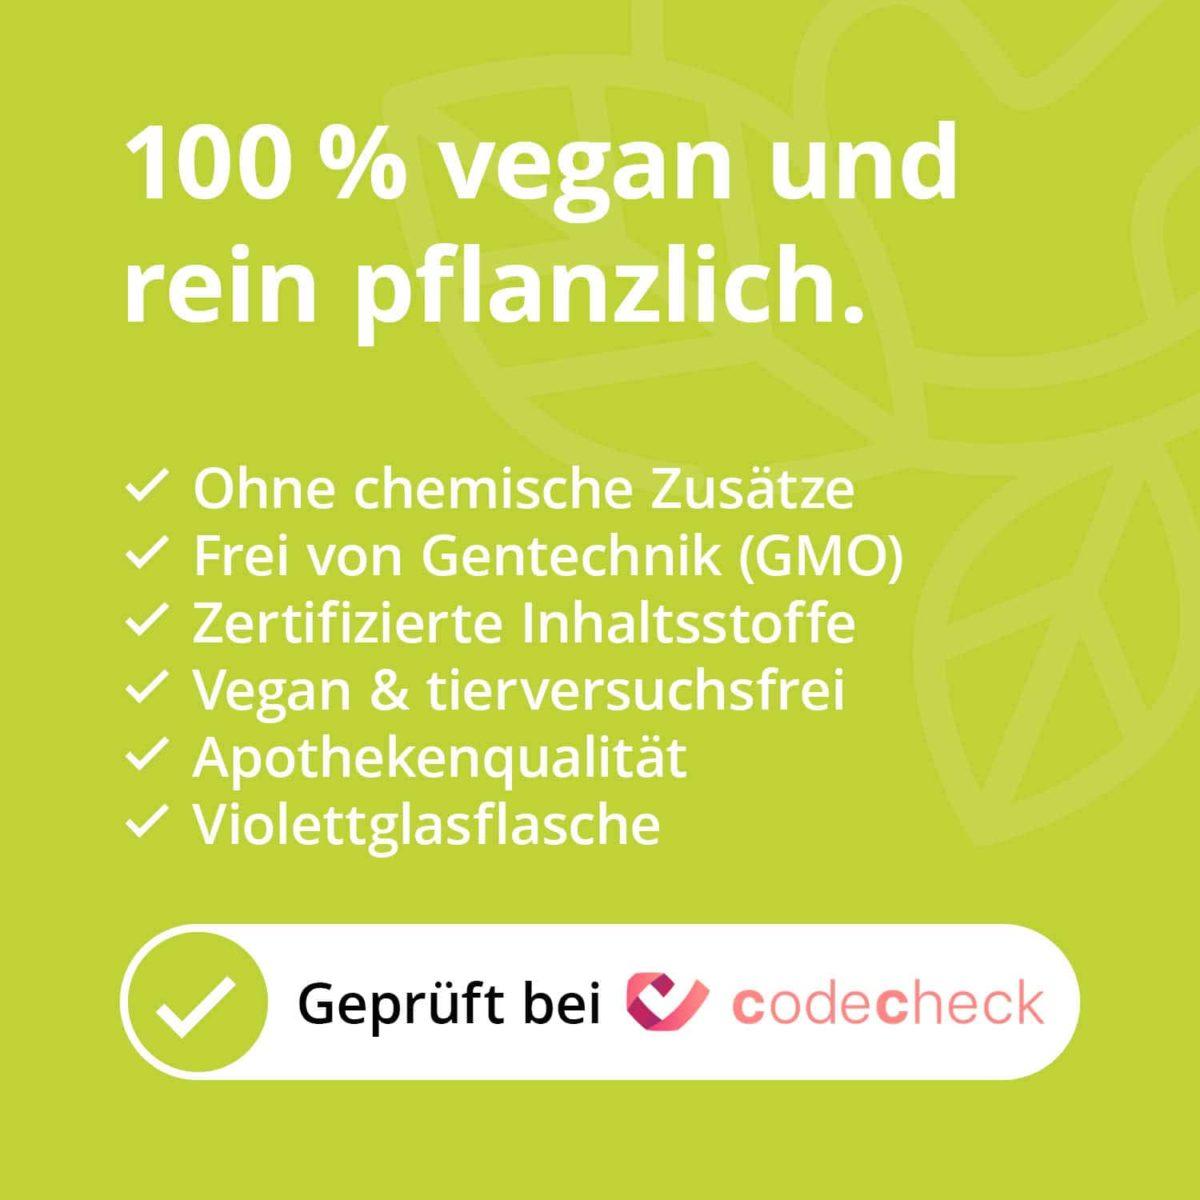 Casida Fuß- und Schuhdeo BioFit Pflanzlich 100 ml 10751316 PZN Apotheke Nagelpilz Fußpilz Schweißfüße5